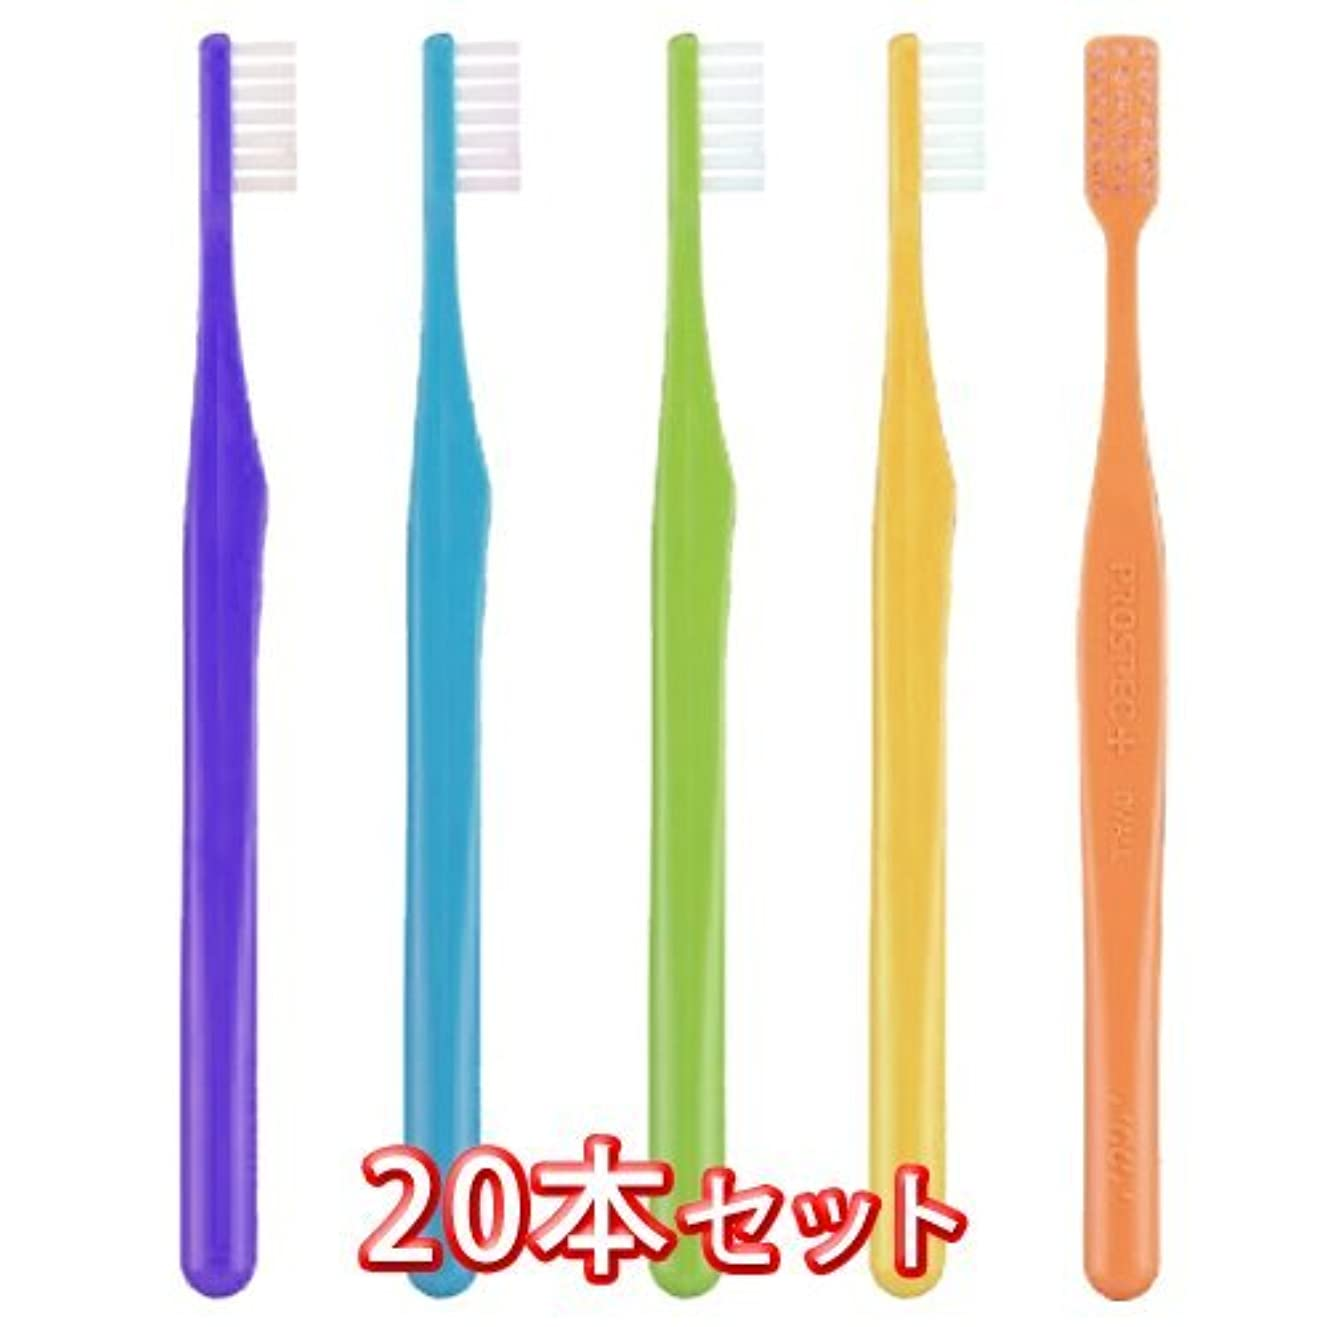 ハプニングつま先アプローチプロスペック プラス 歯ブラシ 20本入 スモール